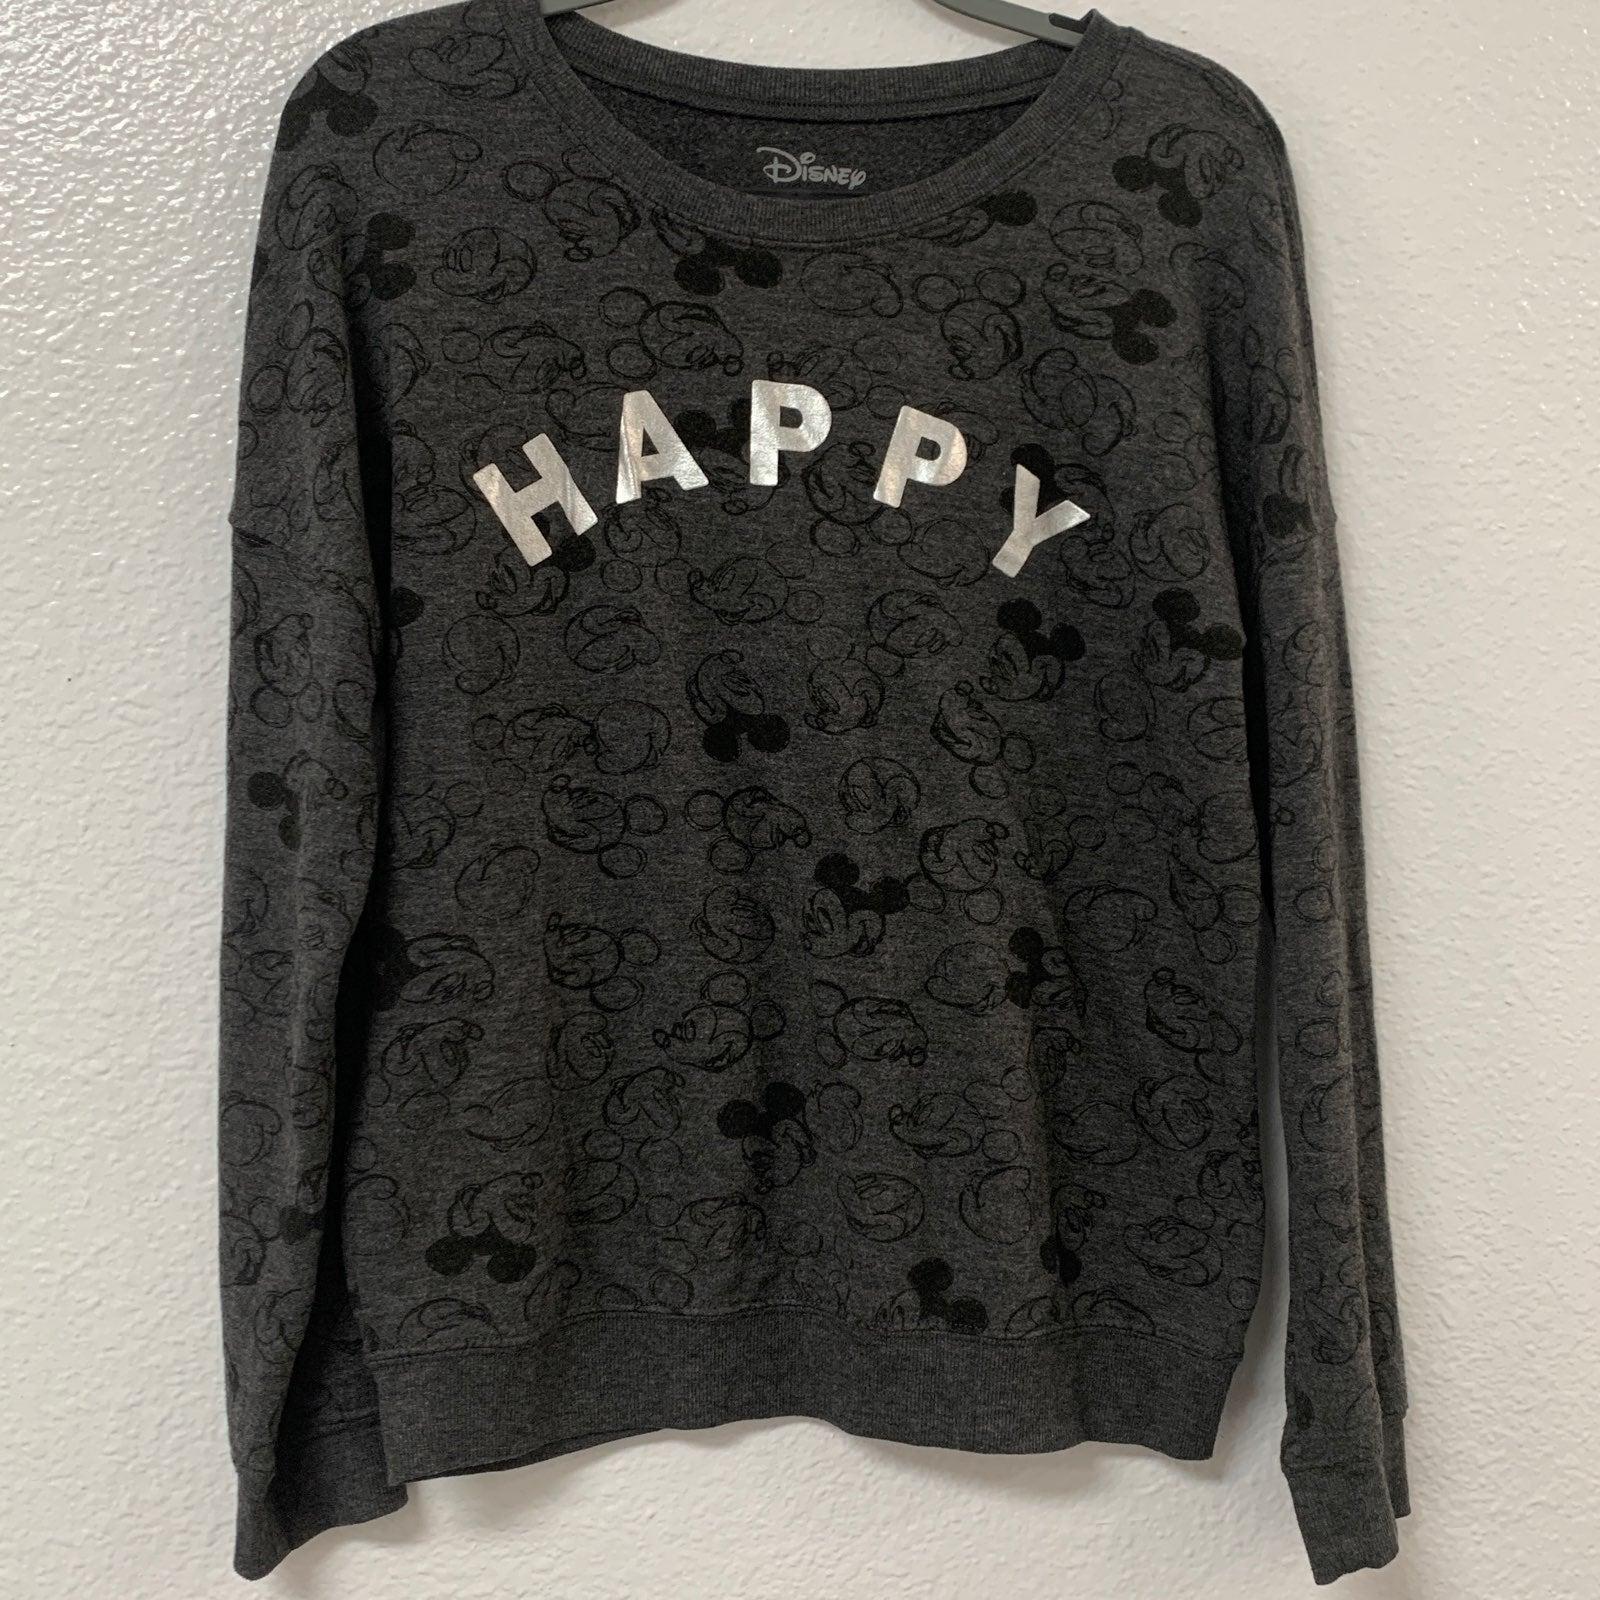 Women's Disney HAPPY Sweatshirt Size L